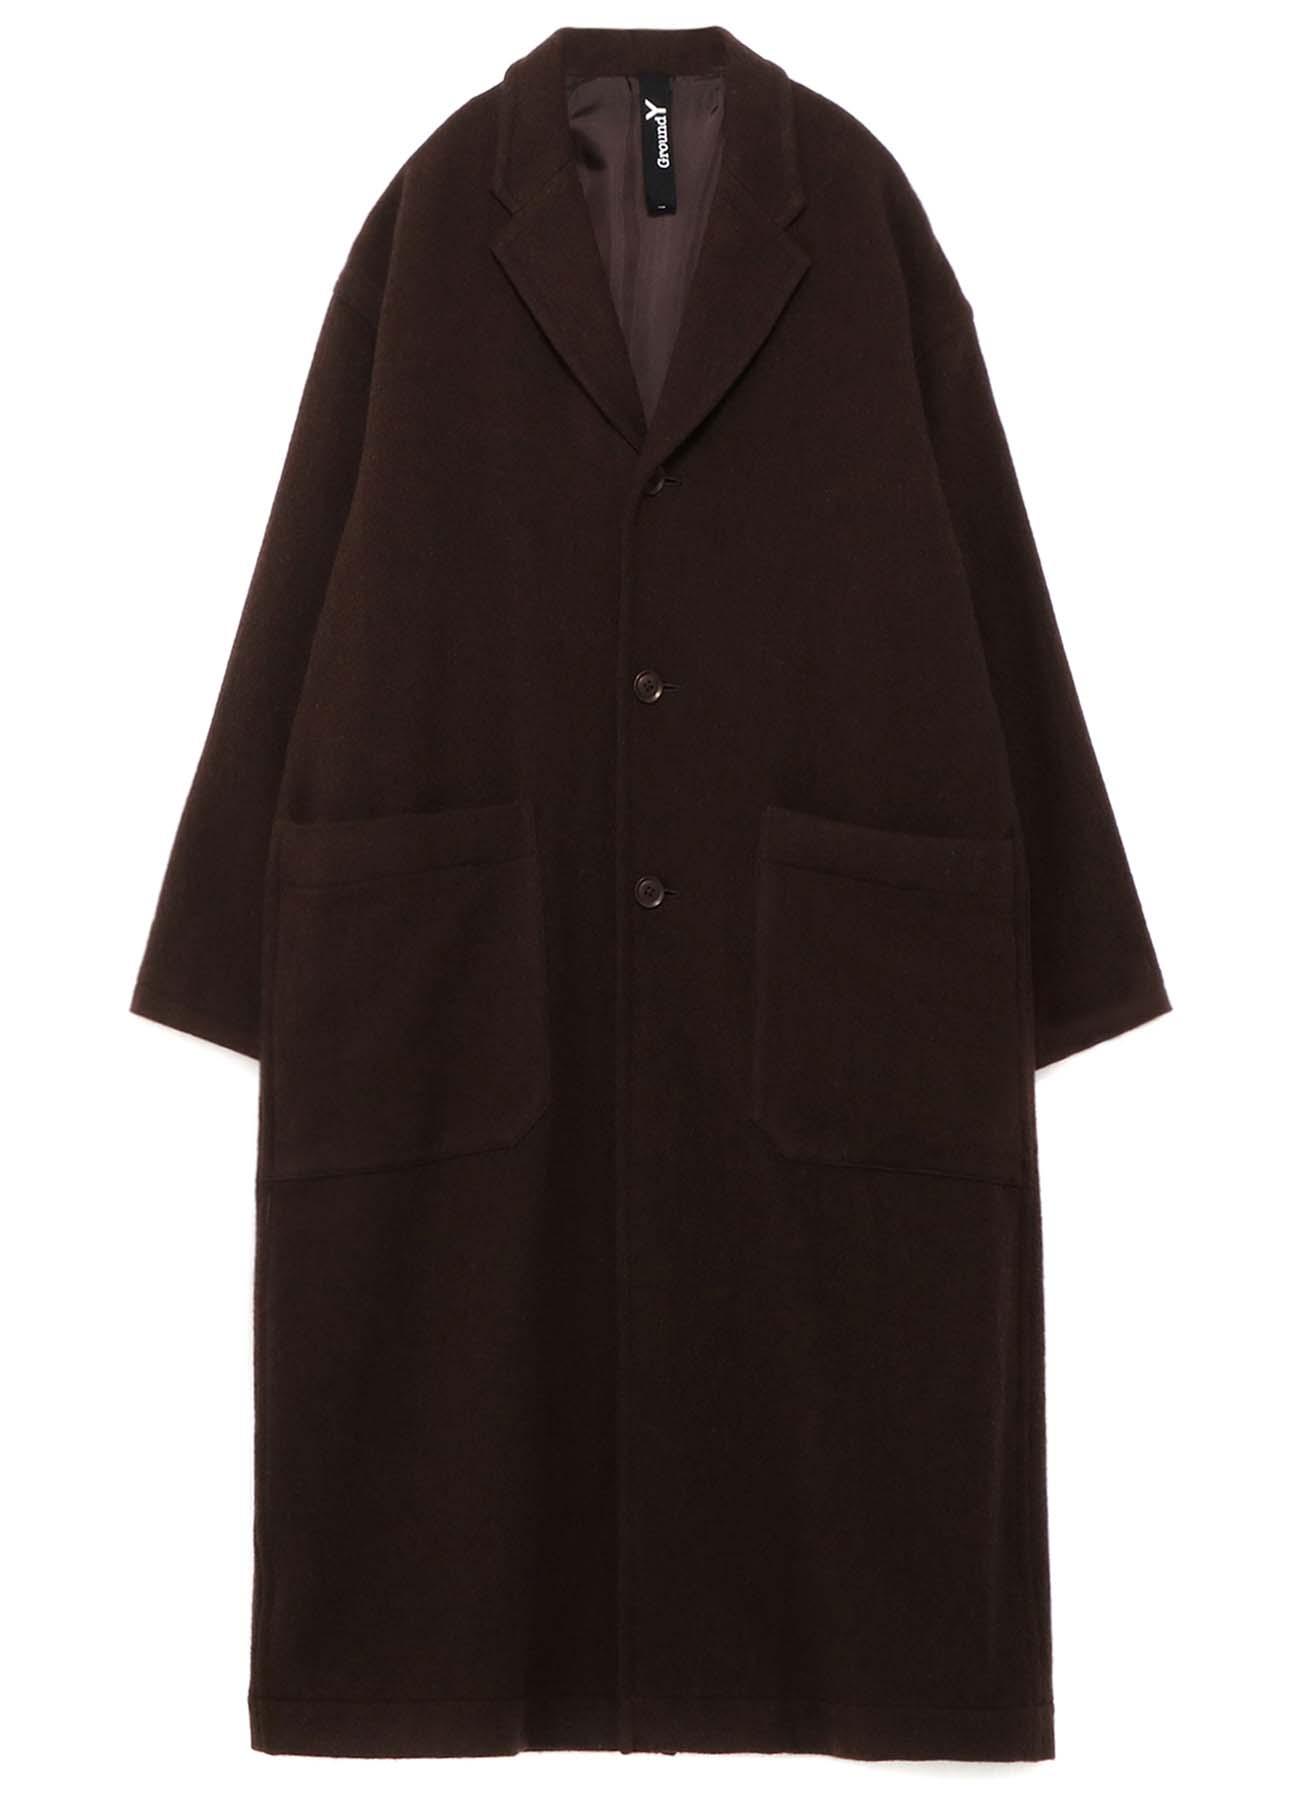 Vintage Flannel Long Big Shirt Jacket